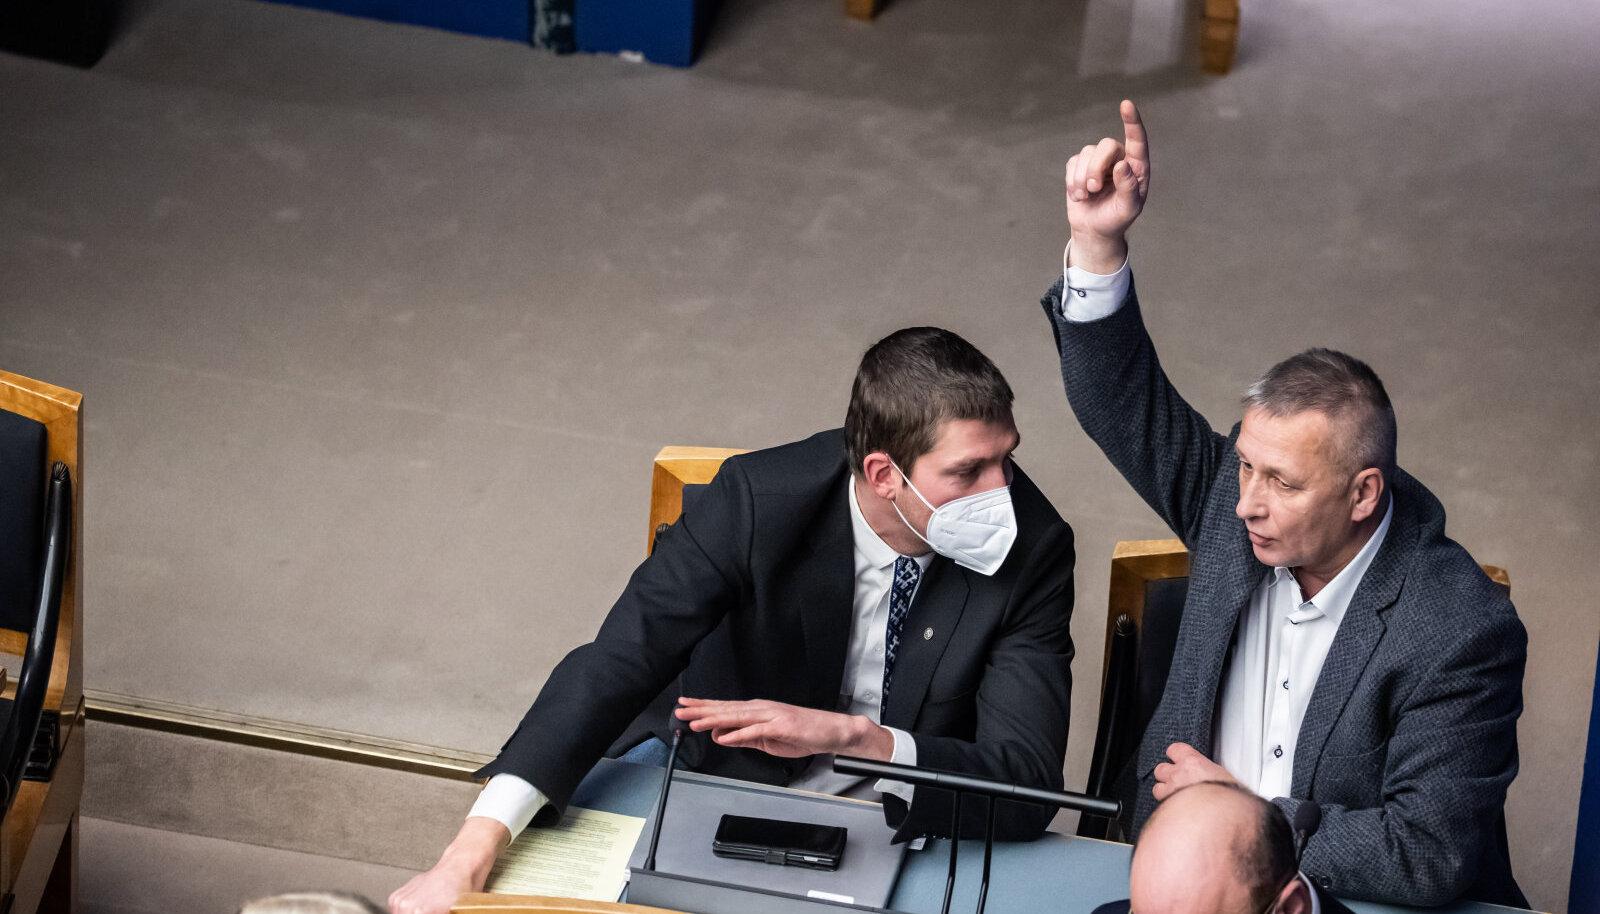 Kalle Grünthal on varmas sõna võtma. Vastuseks on ta saanud sedagi, et tema küsimus ei kvalifitseeru.